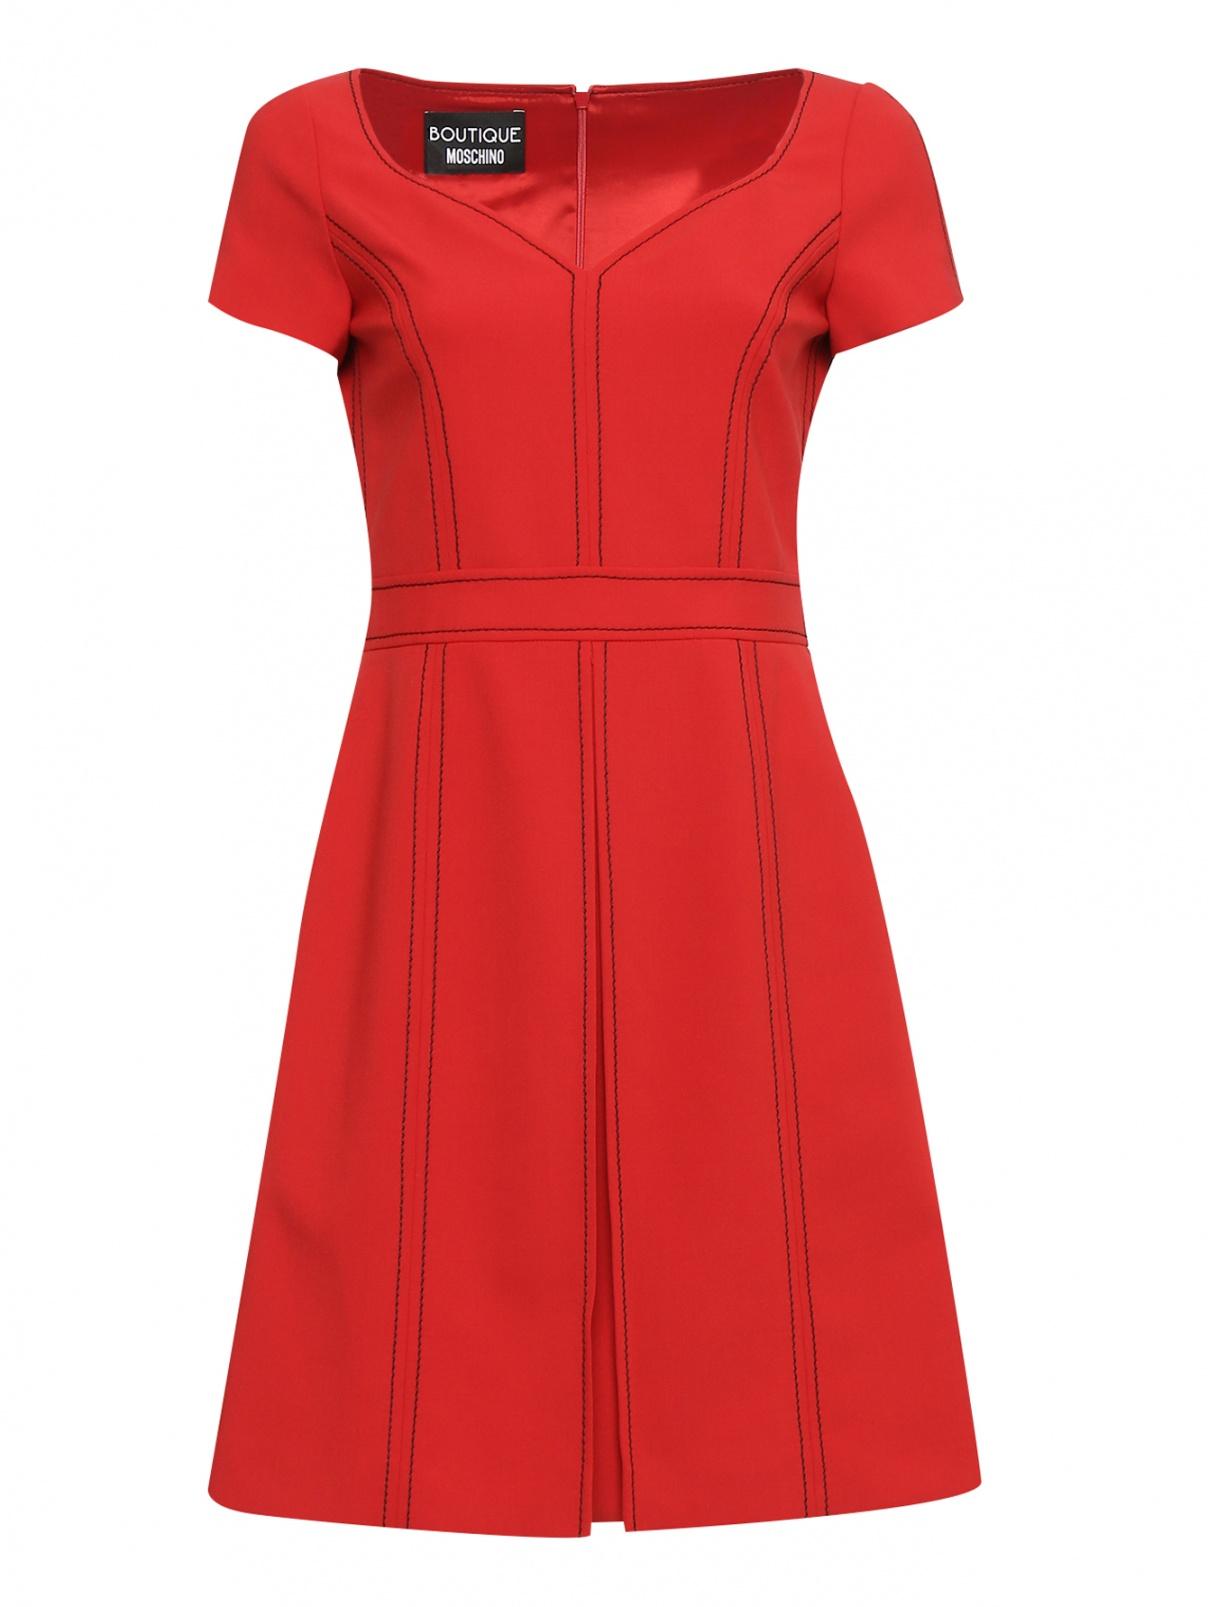 Платье с контрастной вышивкой BOUTIQUE MOSCHINO  –  Общий вид  – Цвет:  Красный